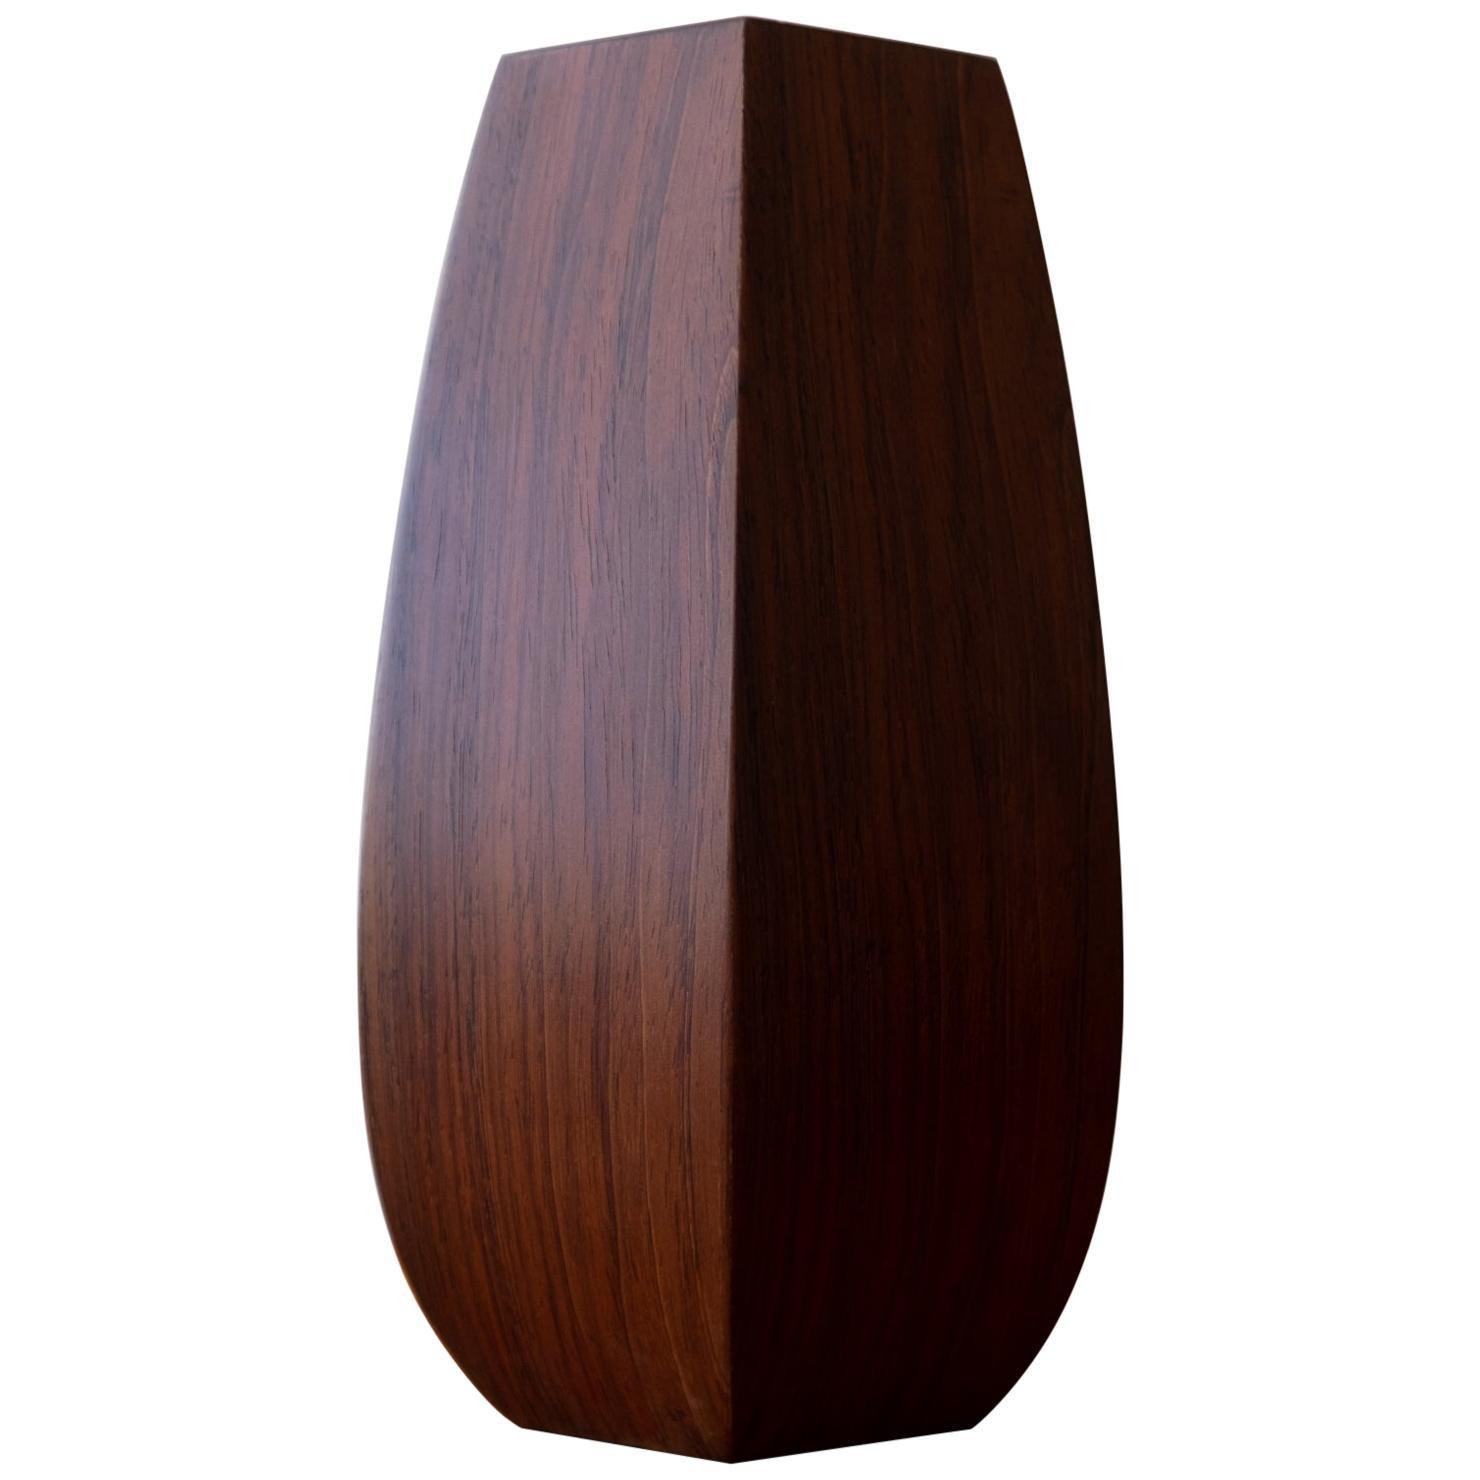 Faceted Rosewood Vase, Denmark